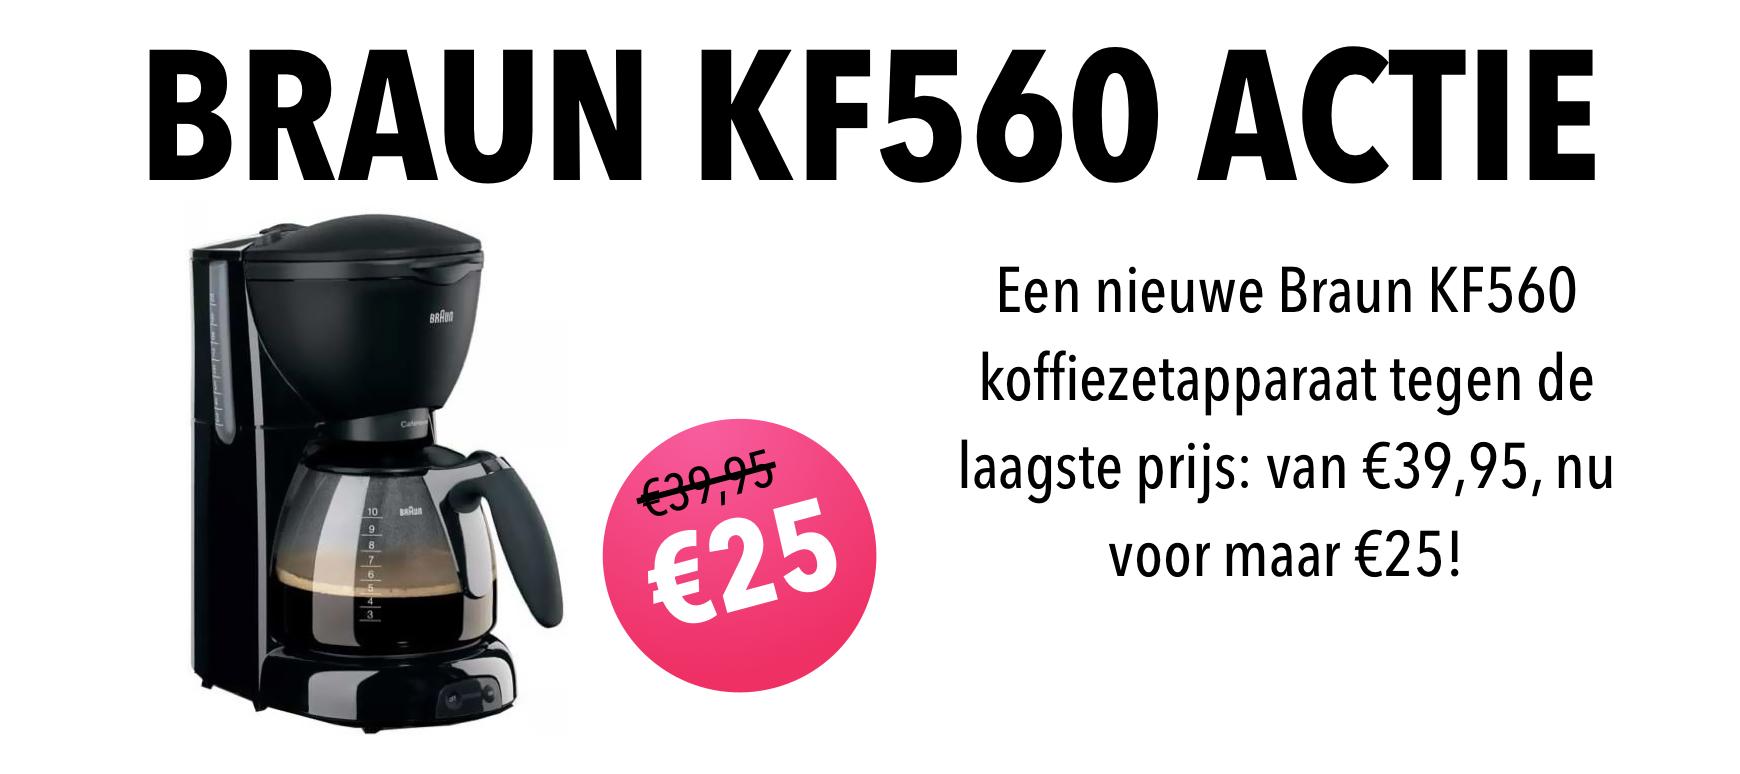 Braun KF560 actie